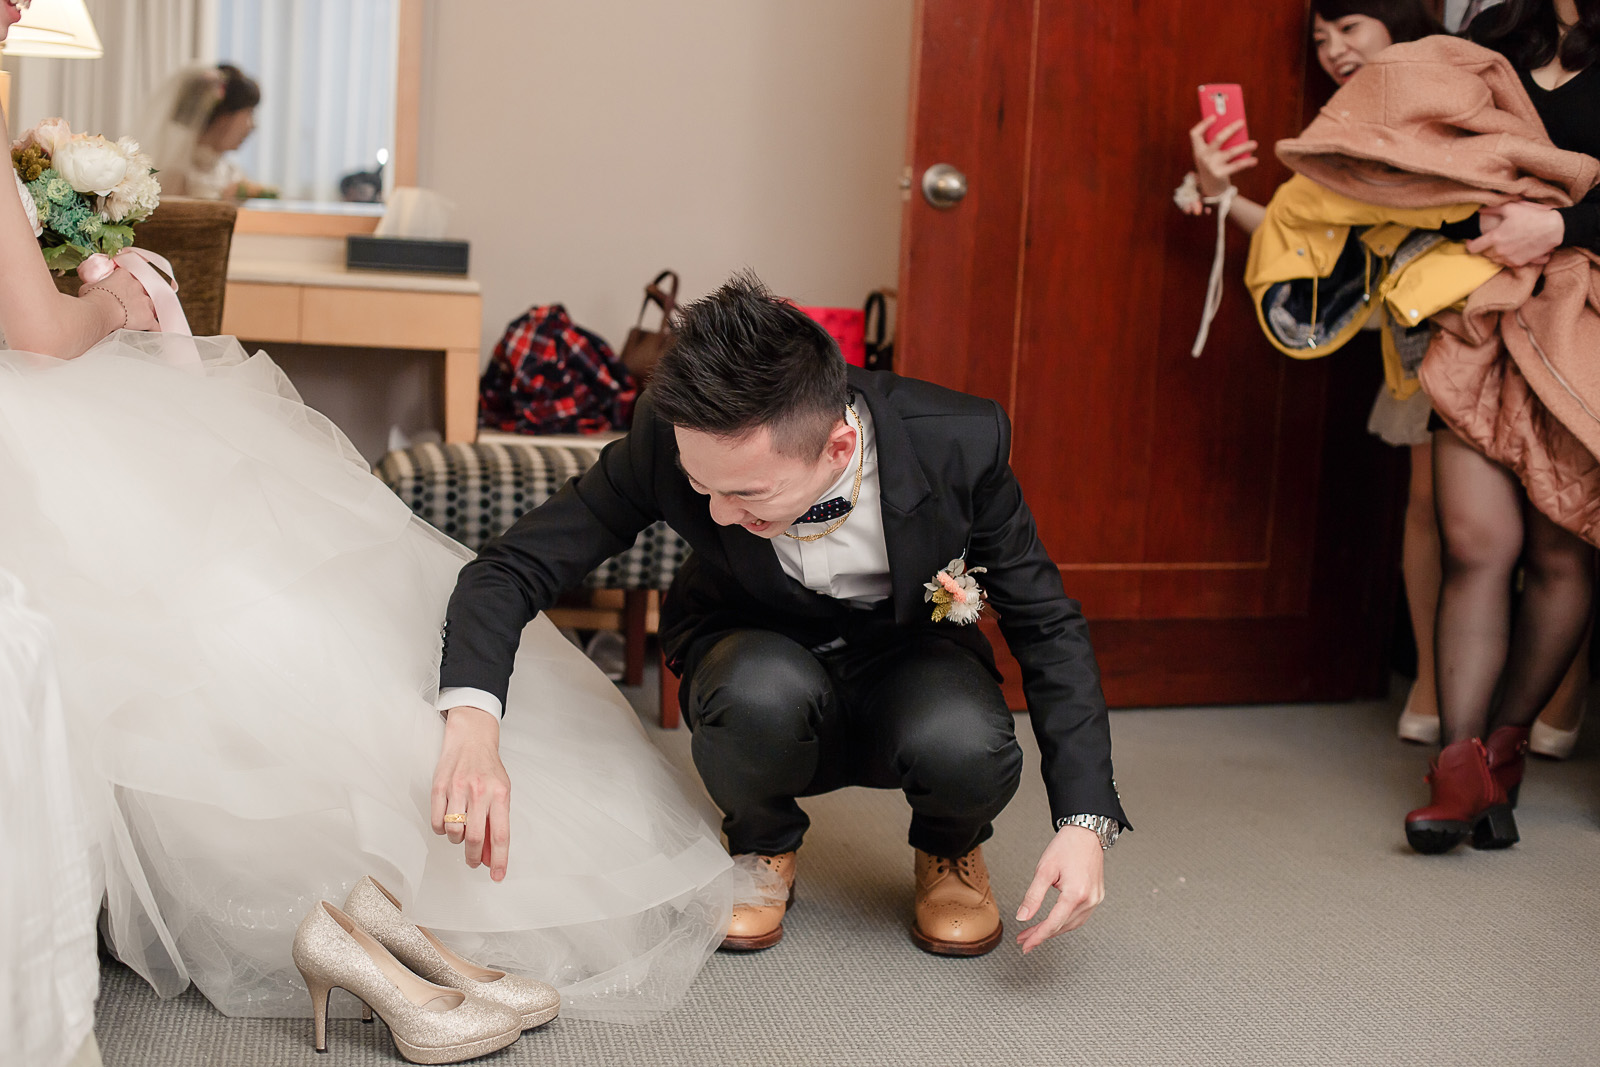 高雄圓山飯店,婚禮攝影,婚攝,高雄婚攝,優質婚攝推薦,Jen&Ethan-135